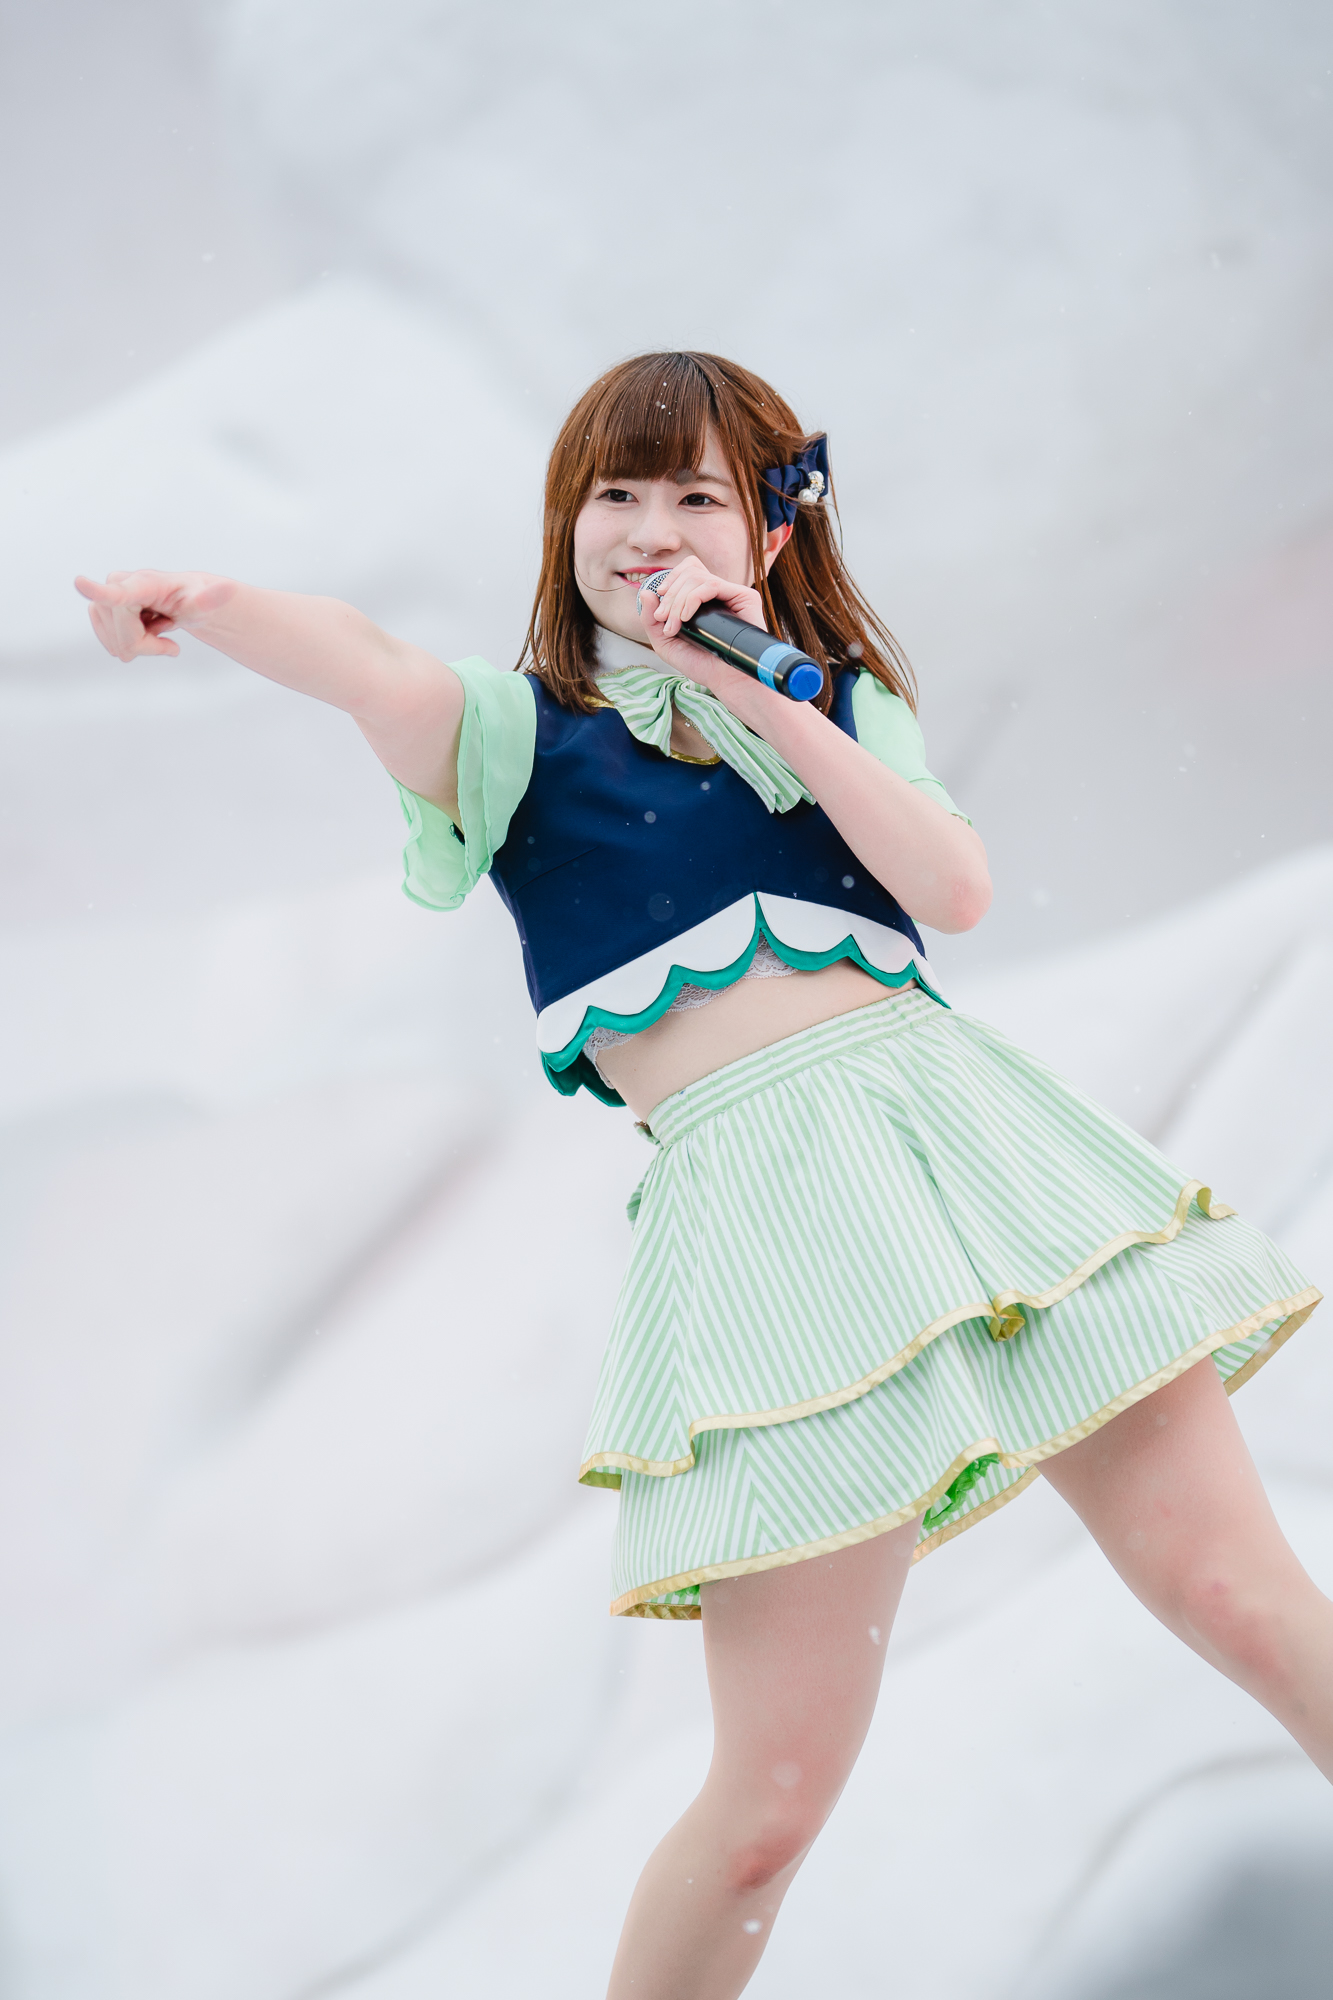 3代目HAPPY少女♪ あゆみ ( 新谷亜由美 )   第71回さっぽろ雪まつり